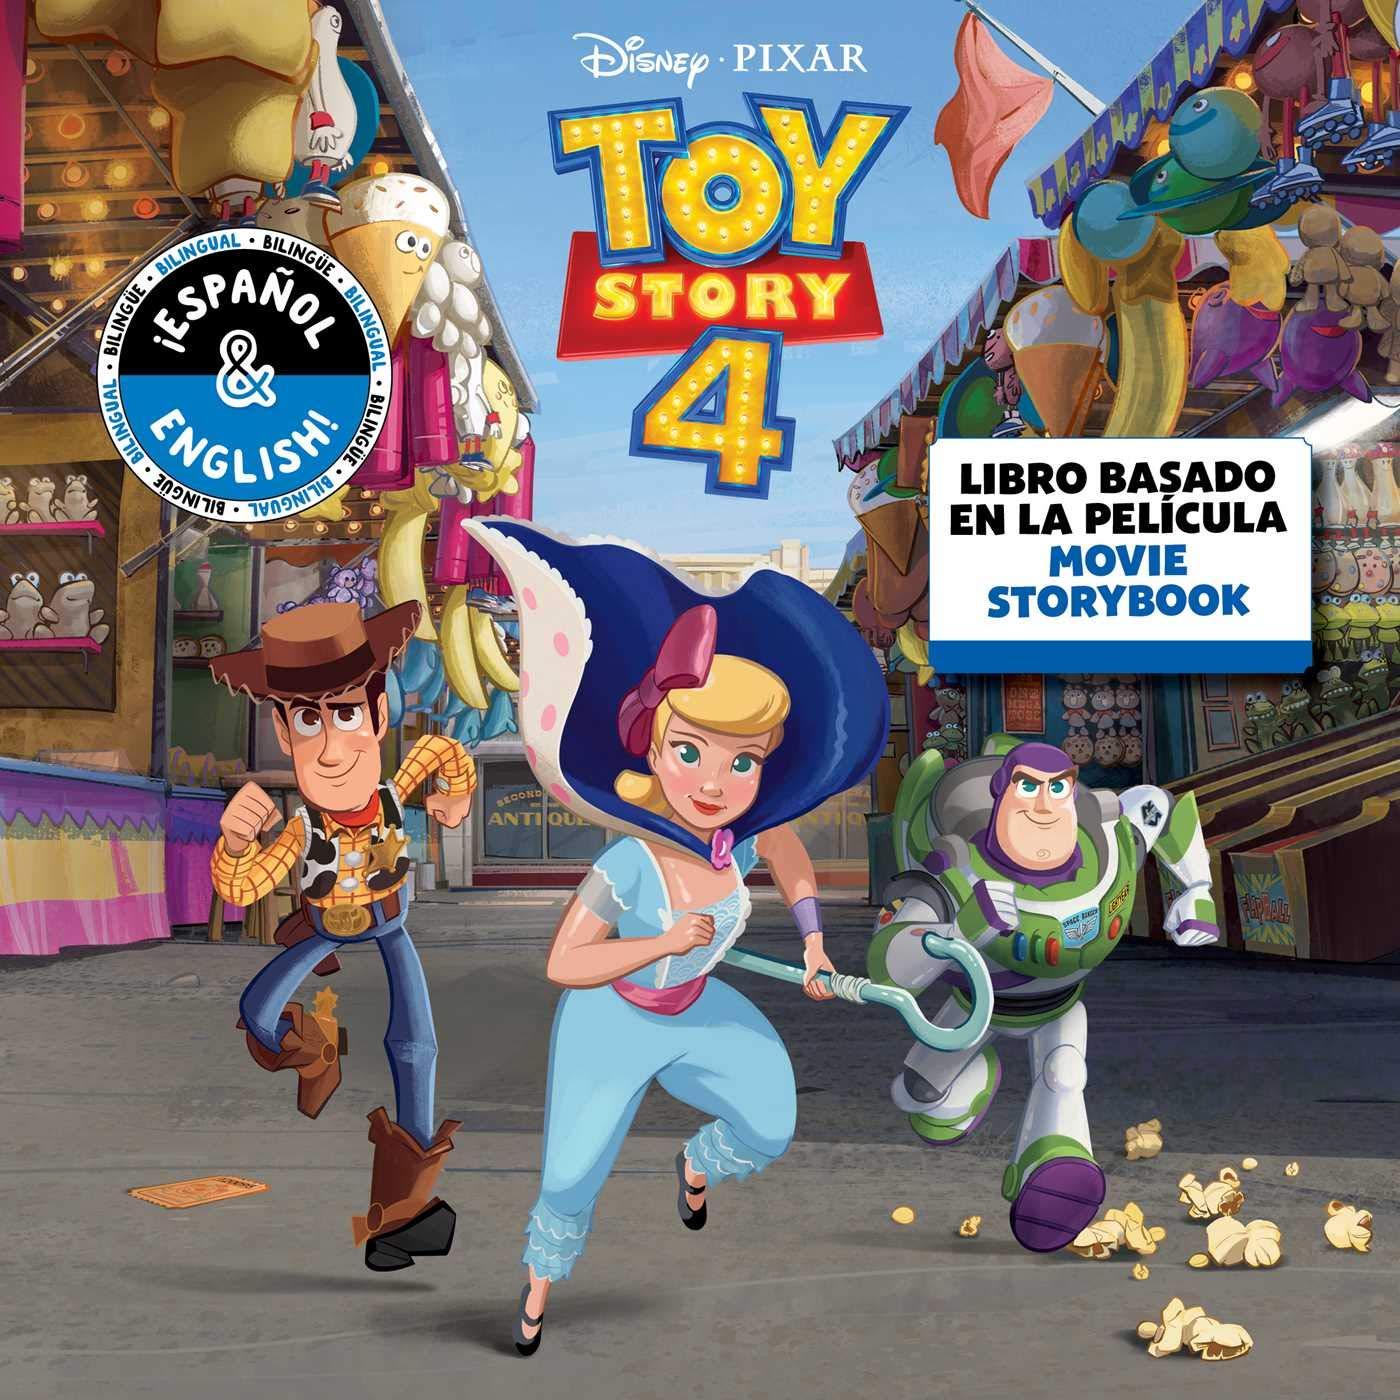 Disney/Pixar Toy Story 4: Movie Storybook/Libro Basado en la ...